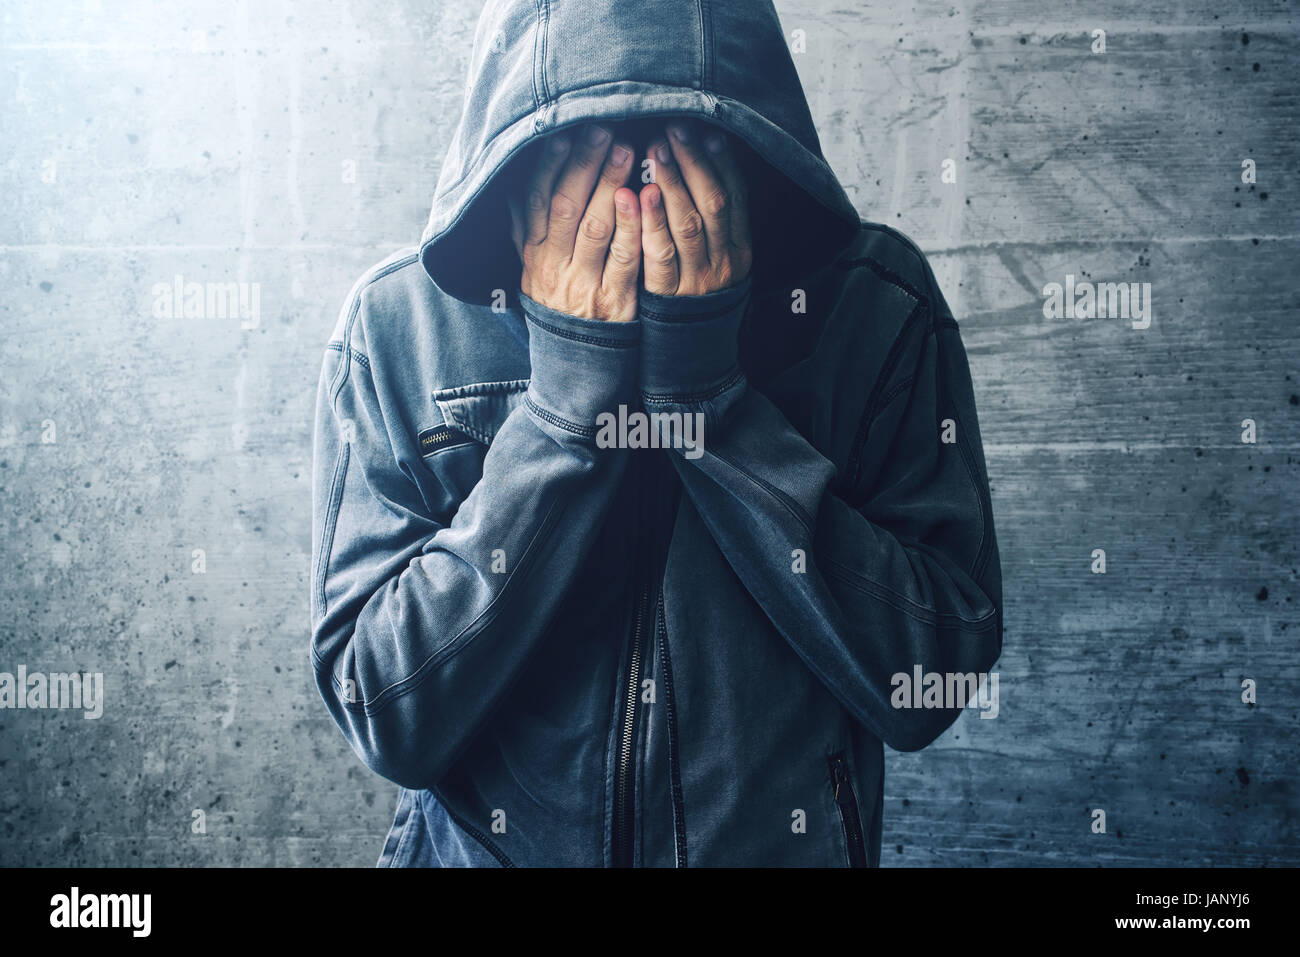 Desesperado drogadicto atravesando crisis de adicción, retrato de una persona adulta joven con dependencia Imagen De Stock